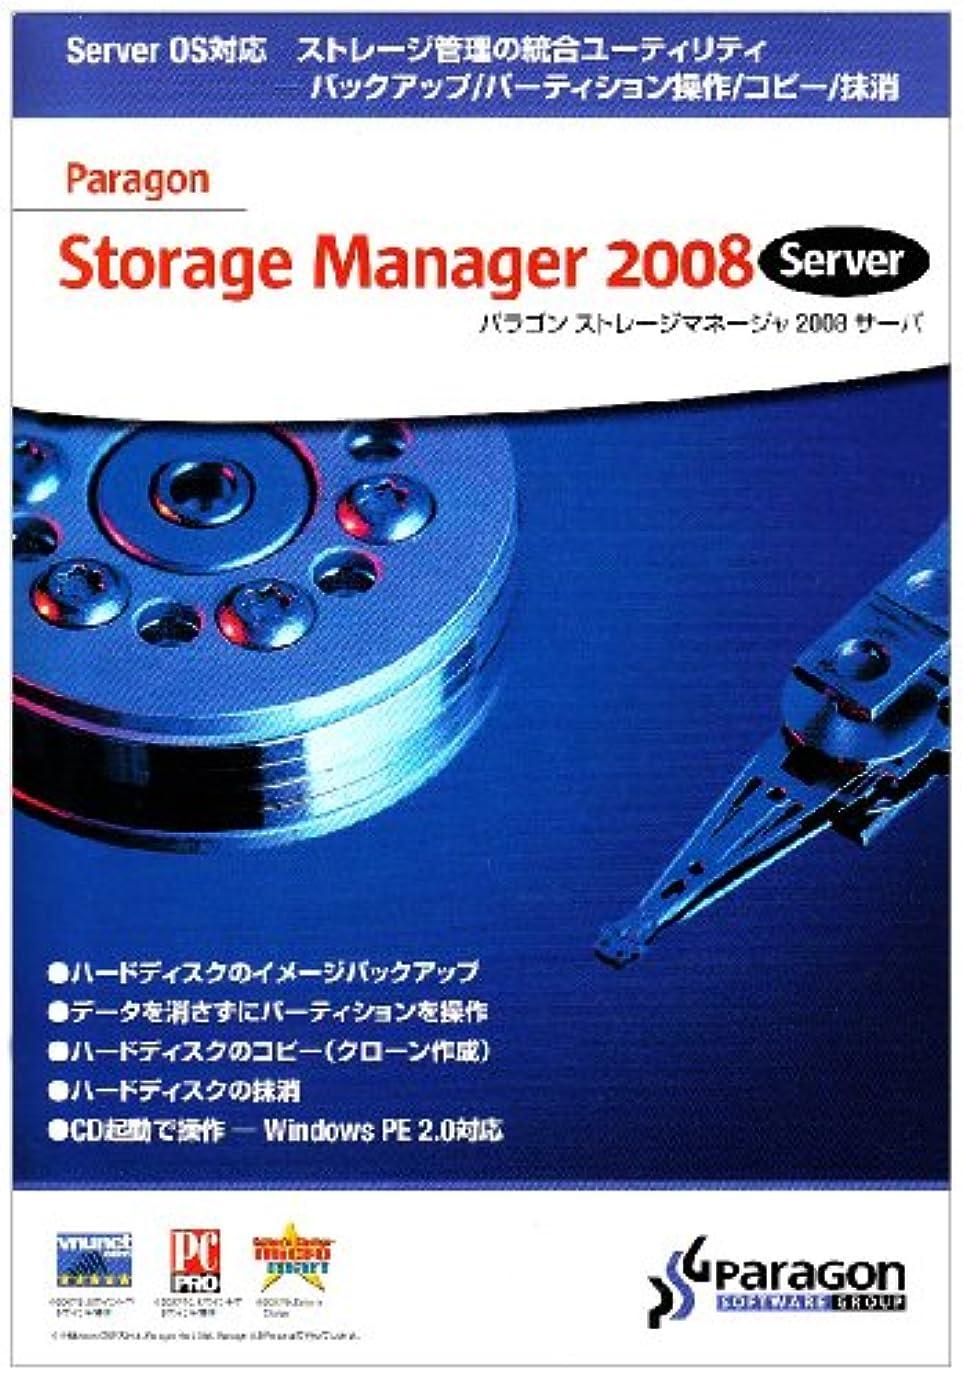 噂異形クリーナーParagon Storage Manager 2008 Server